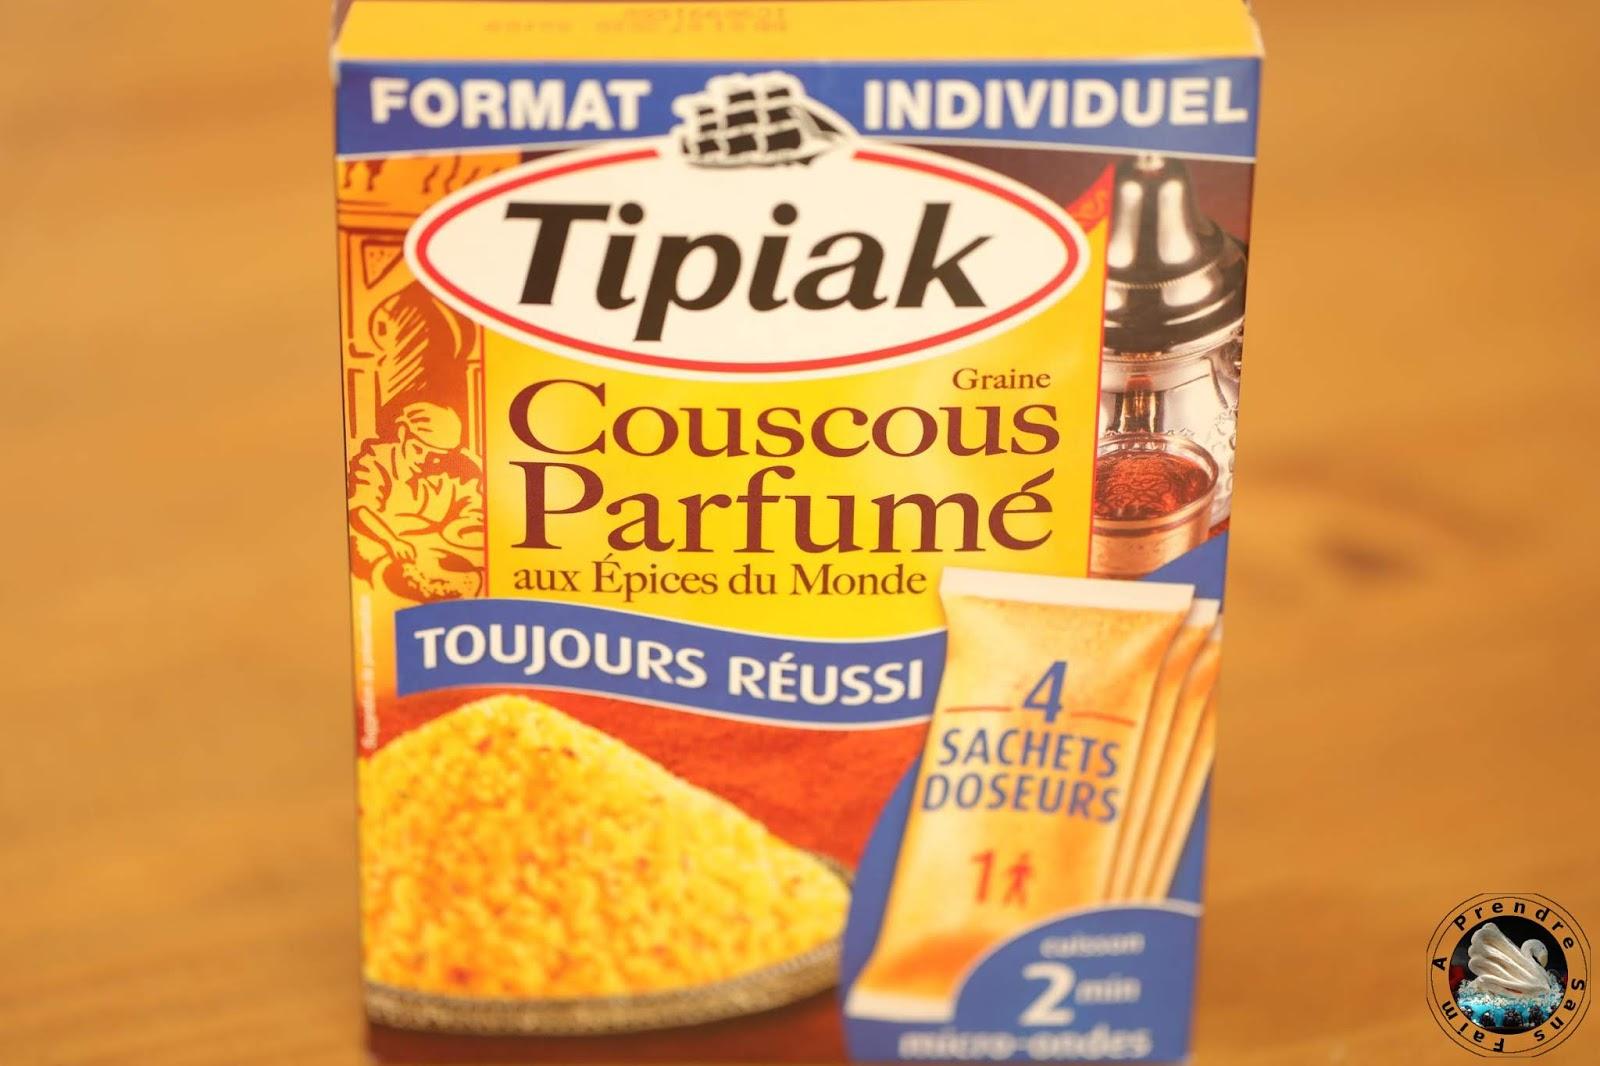 Couscous parfumé aux épices poulet et légumes